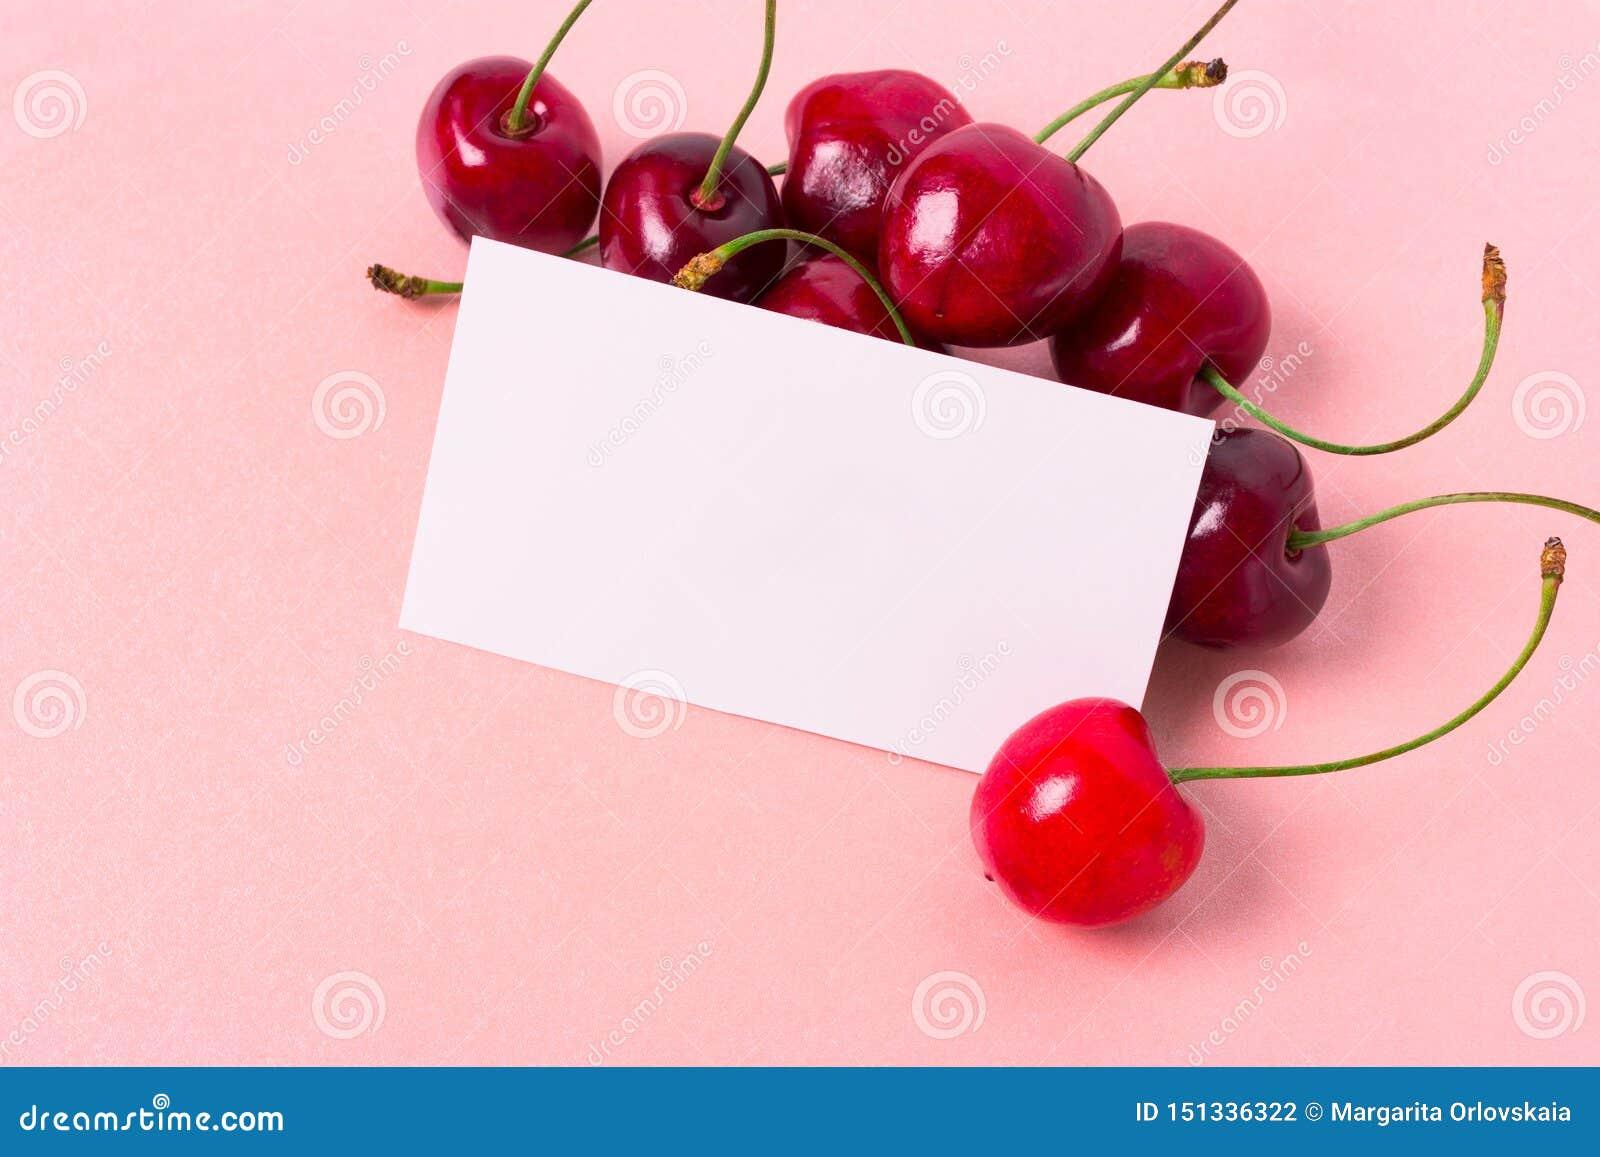 Cereja fresca e cartão vazio